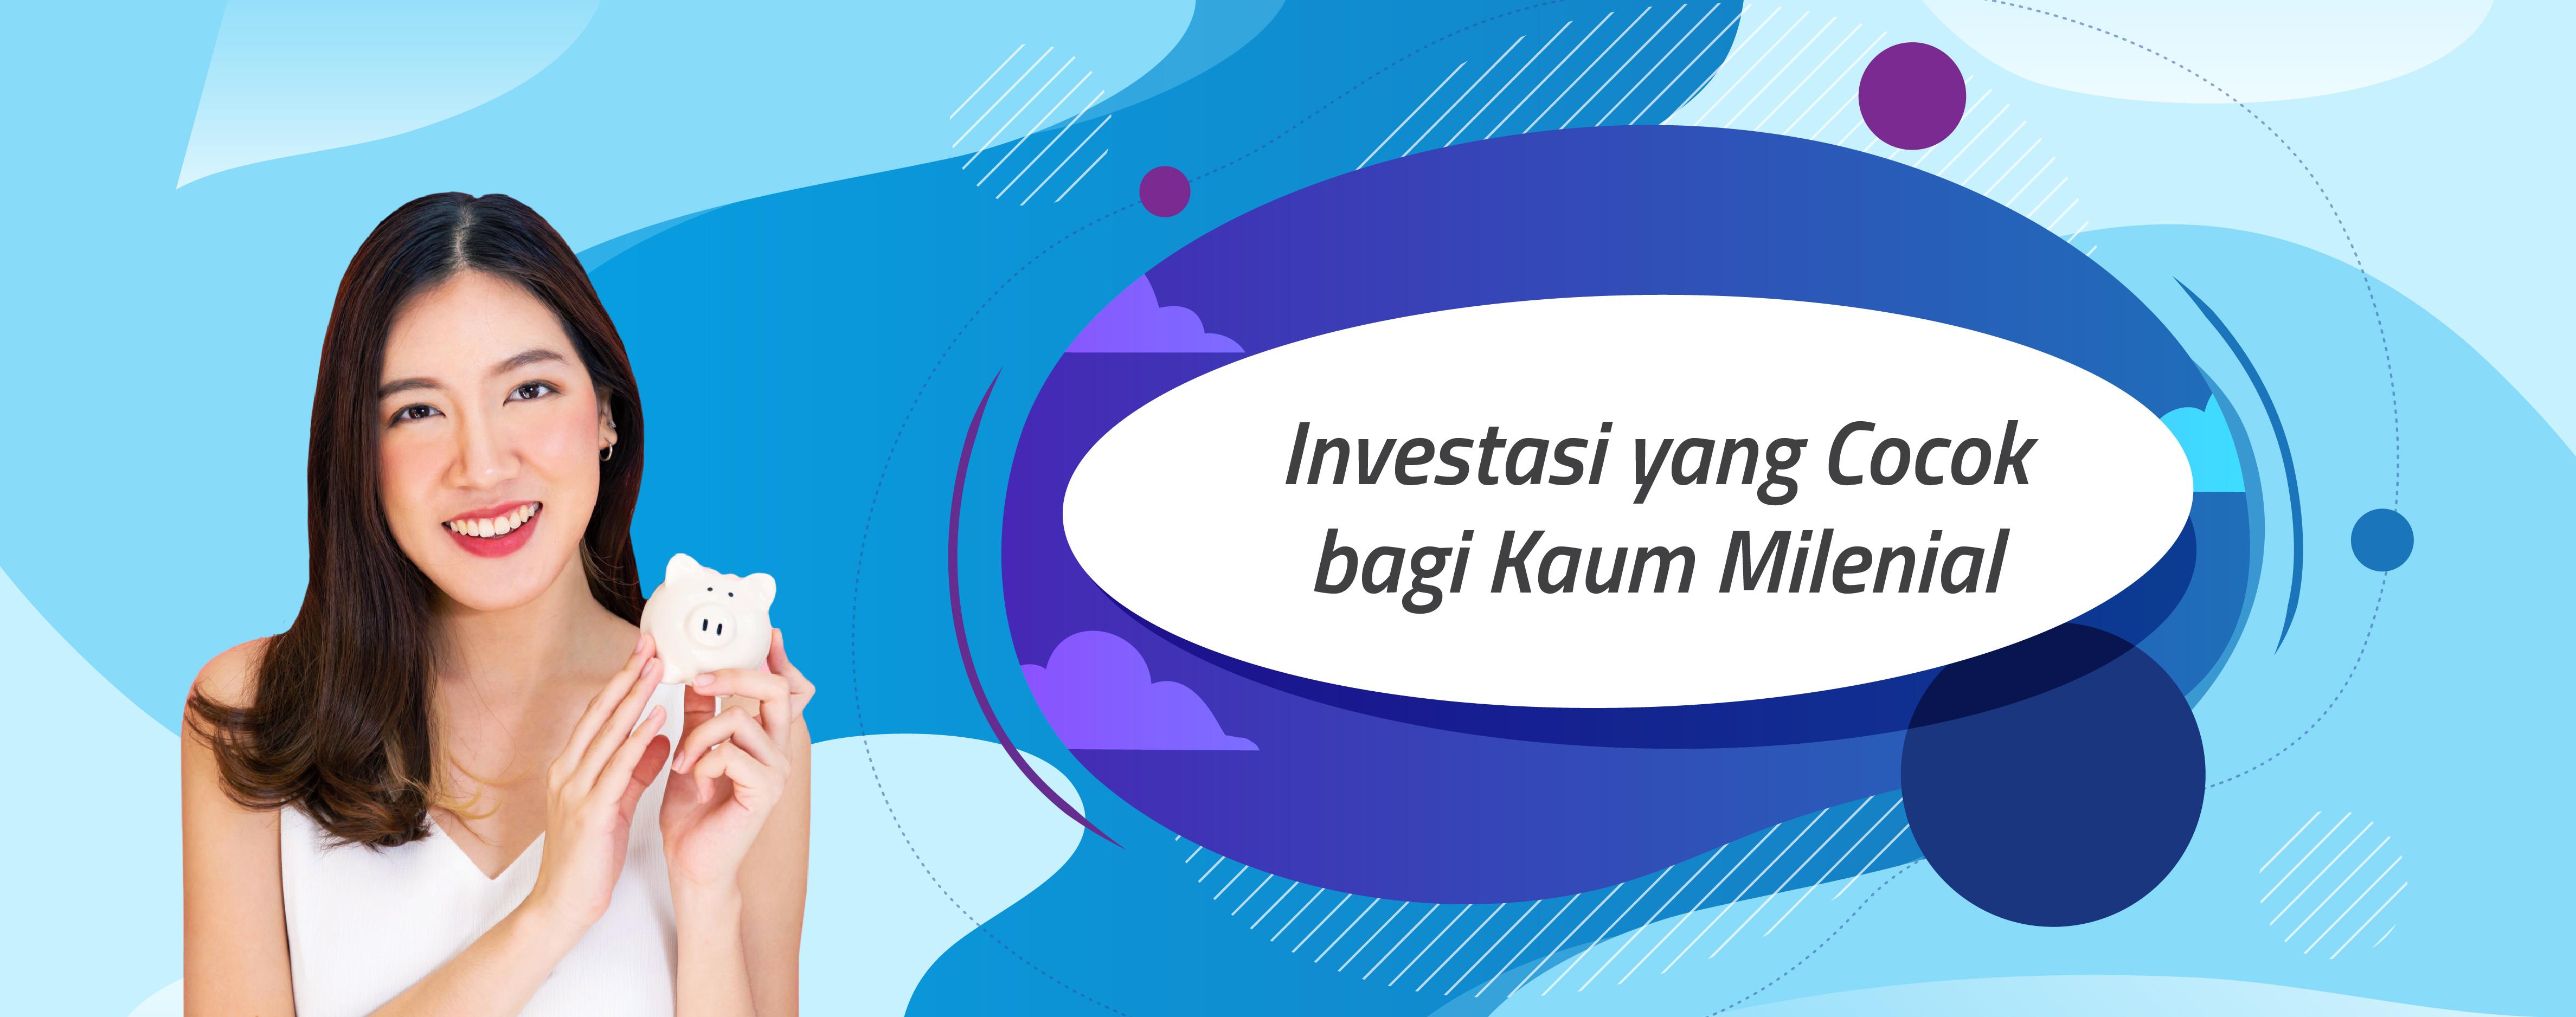 Investasi yang Cocok bagi Kaum Milenial